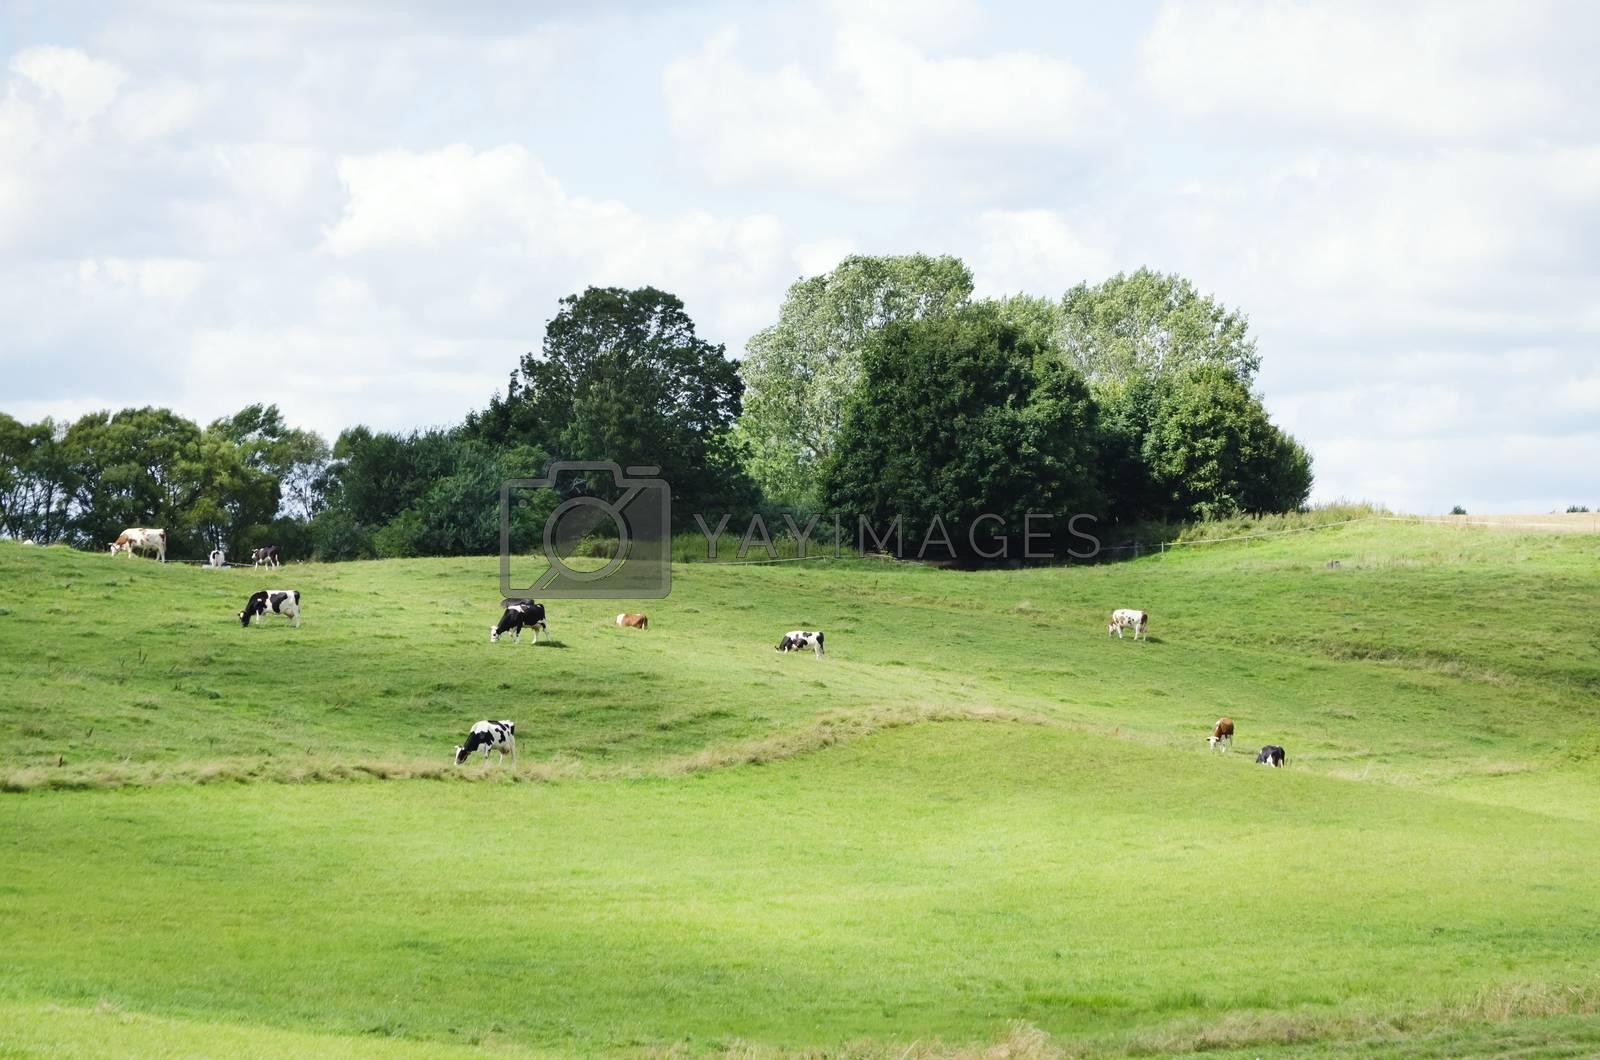 Farm Meadow With Cow by razvodovska